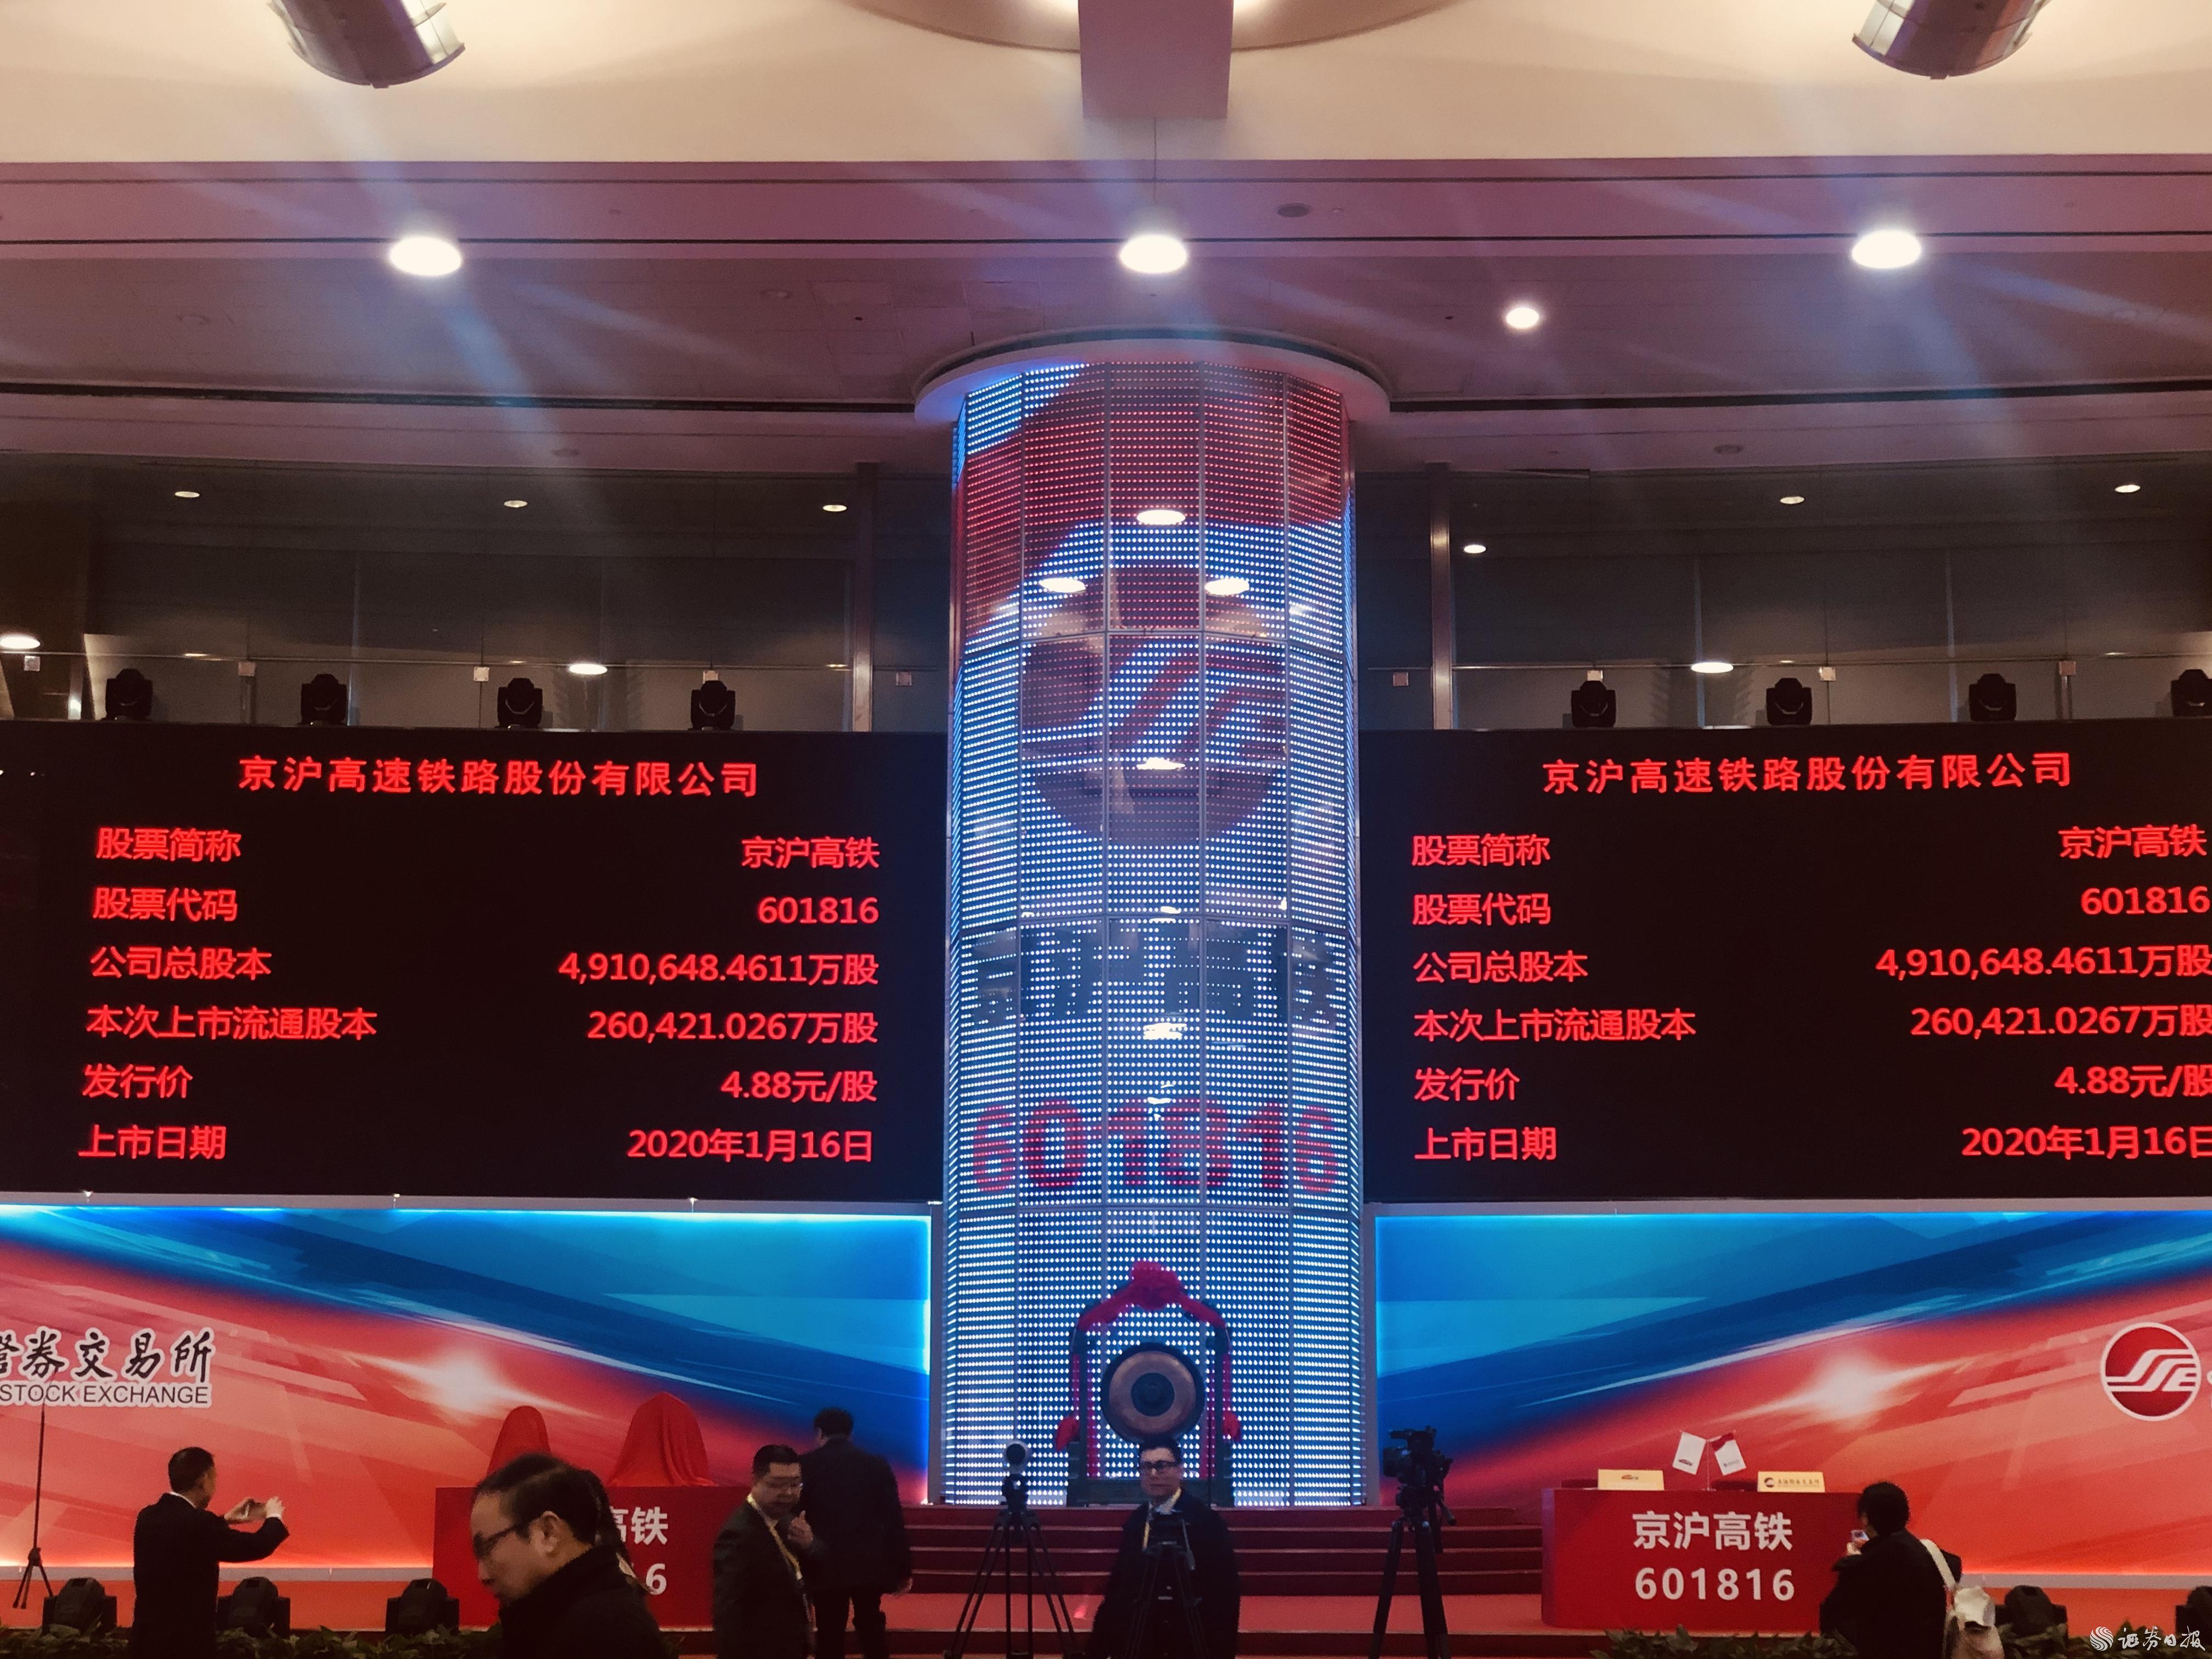 今日京沪高铁在上交所主板挂牌上市 本次上市流通股本260421.0267万股